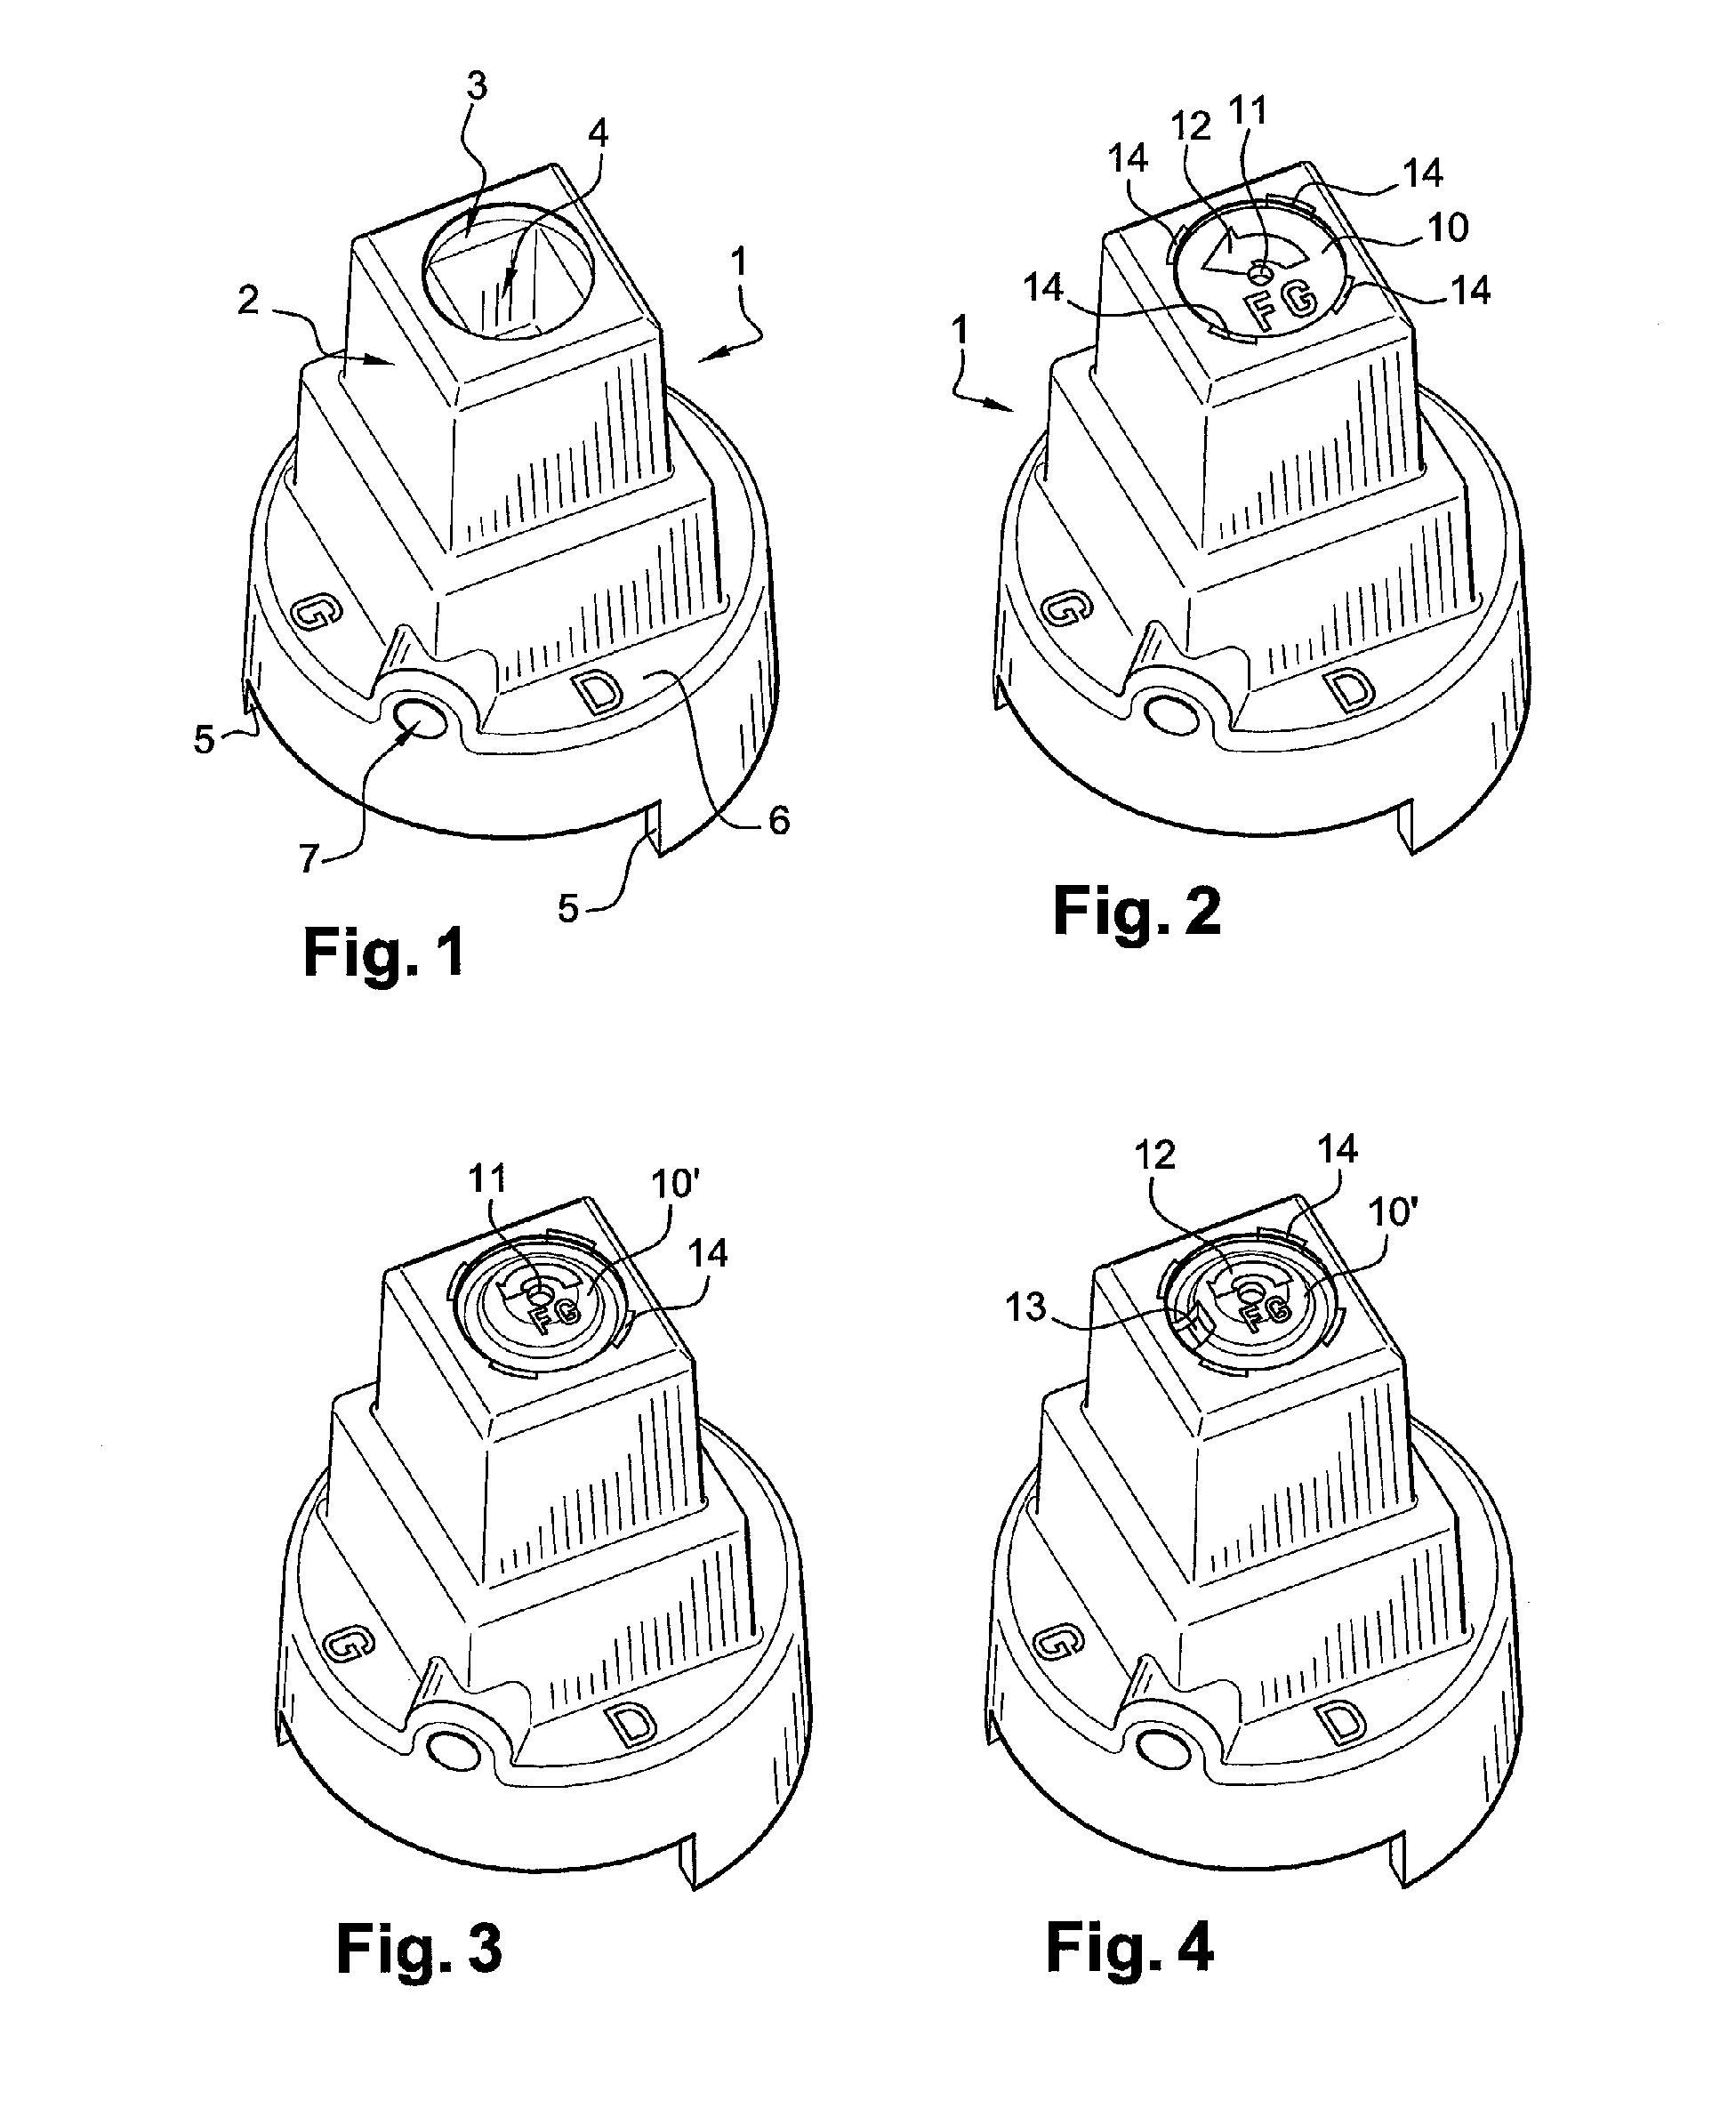 patent ep1439267a1 chapeau d 39 ordonnance pastille magn tisable pour organe de commande. Black Bedroom Furniture Sets. Home Design Ideas